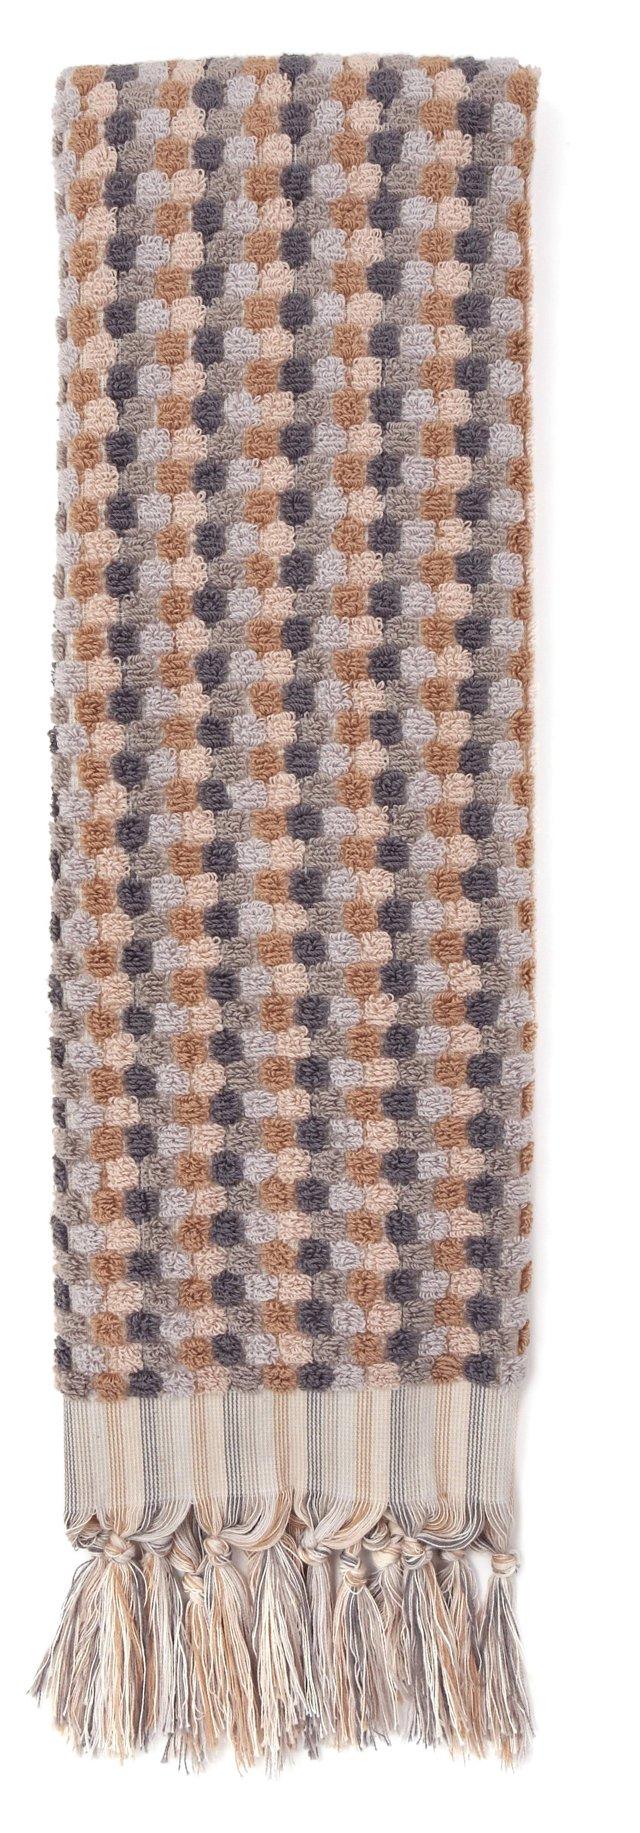 Turkish Hand Towel, Neutral